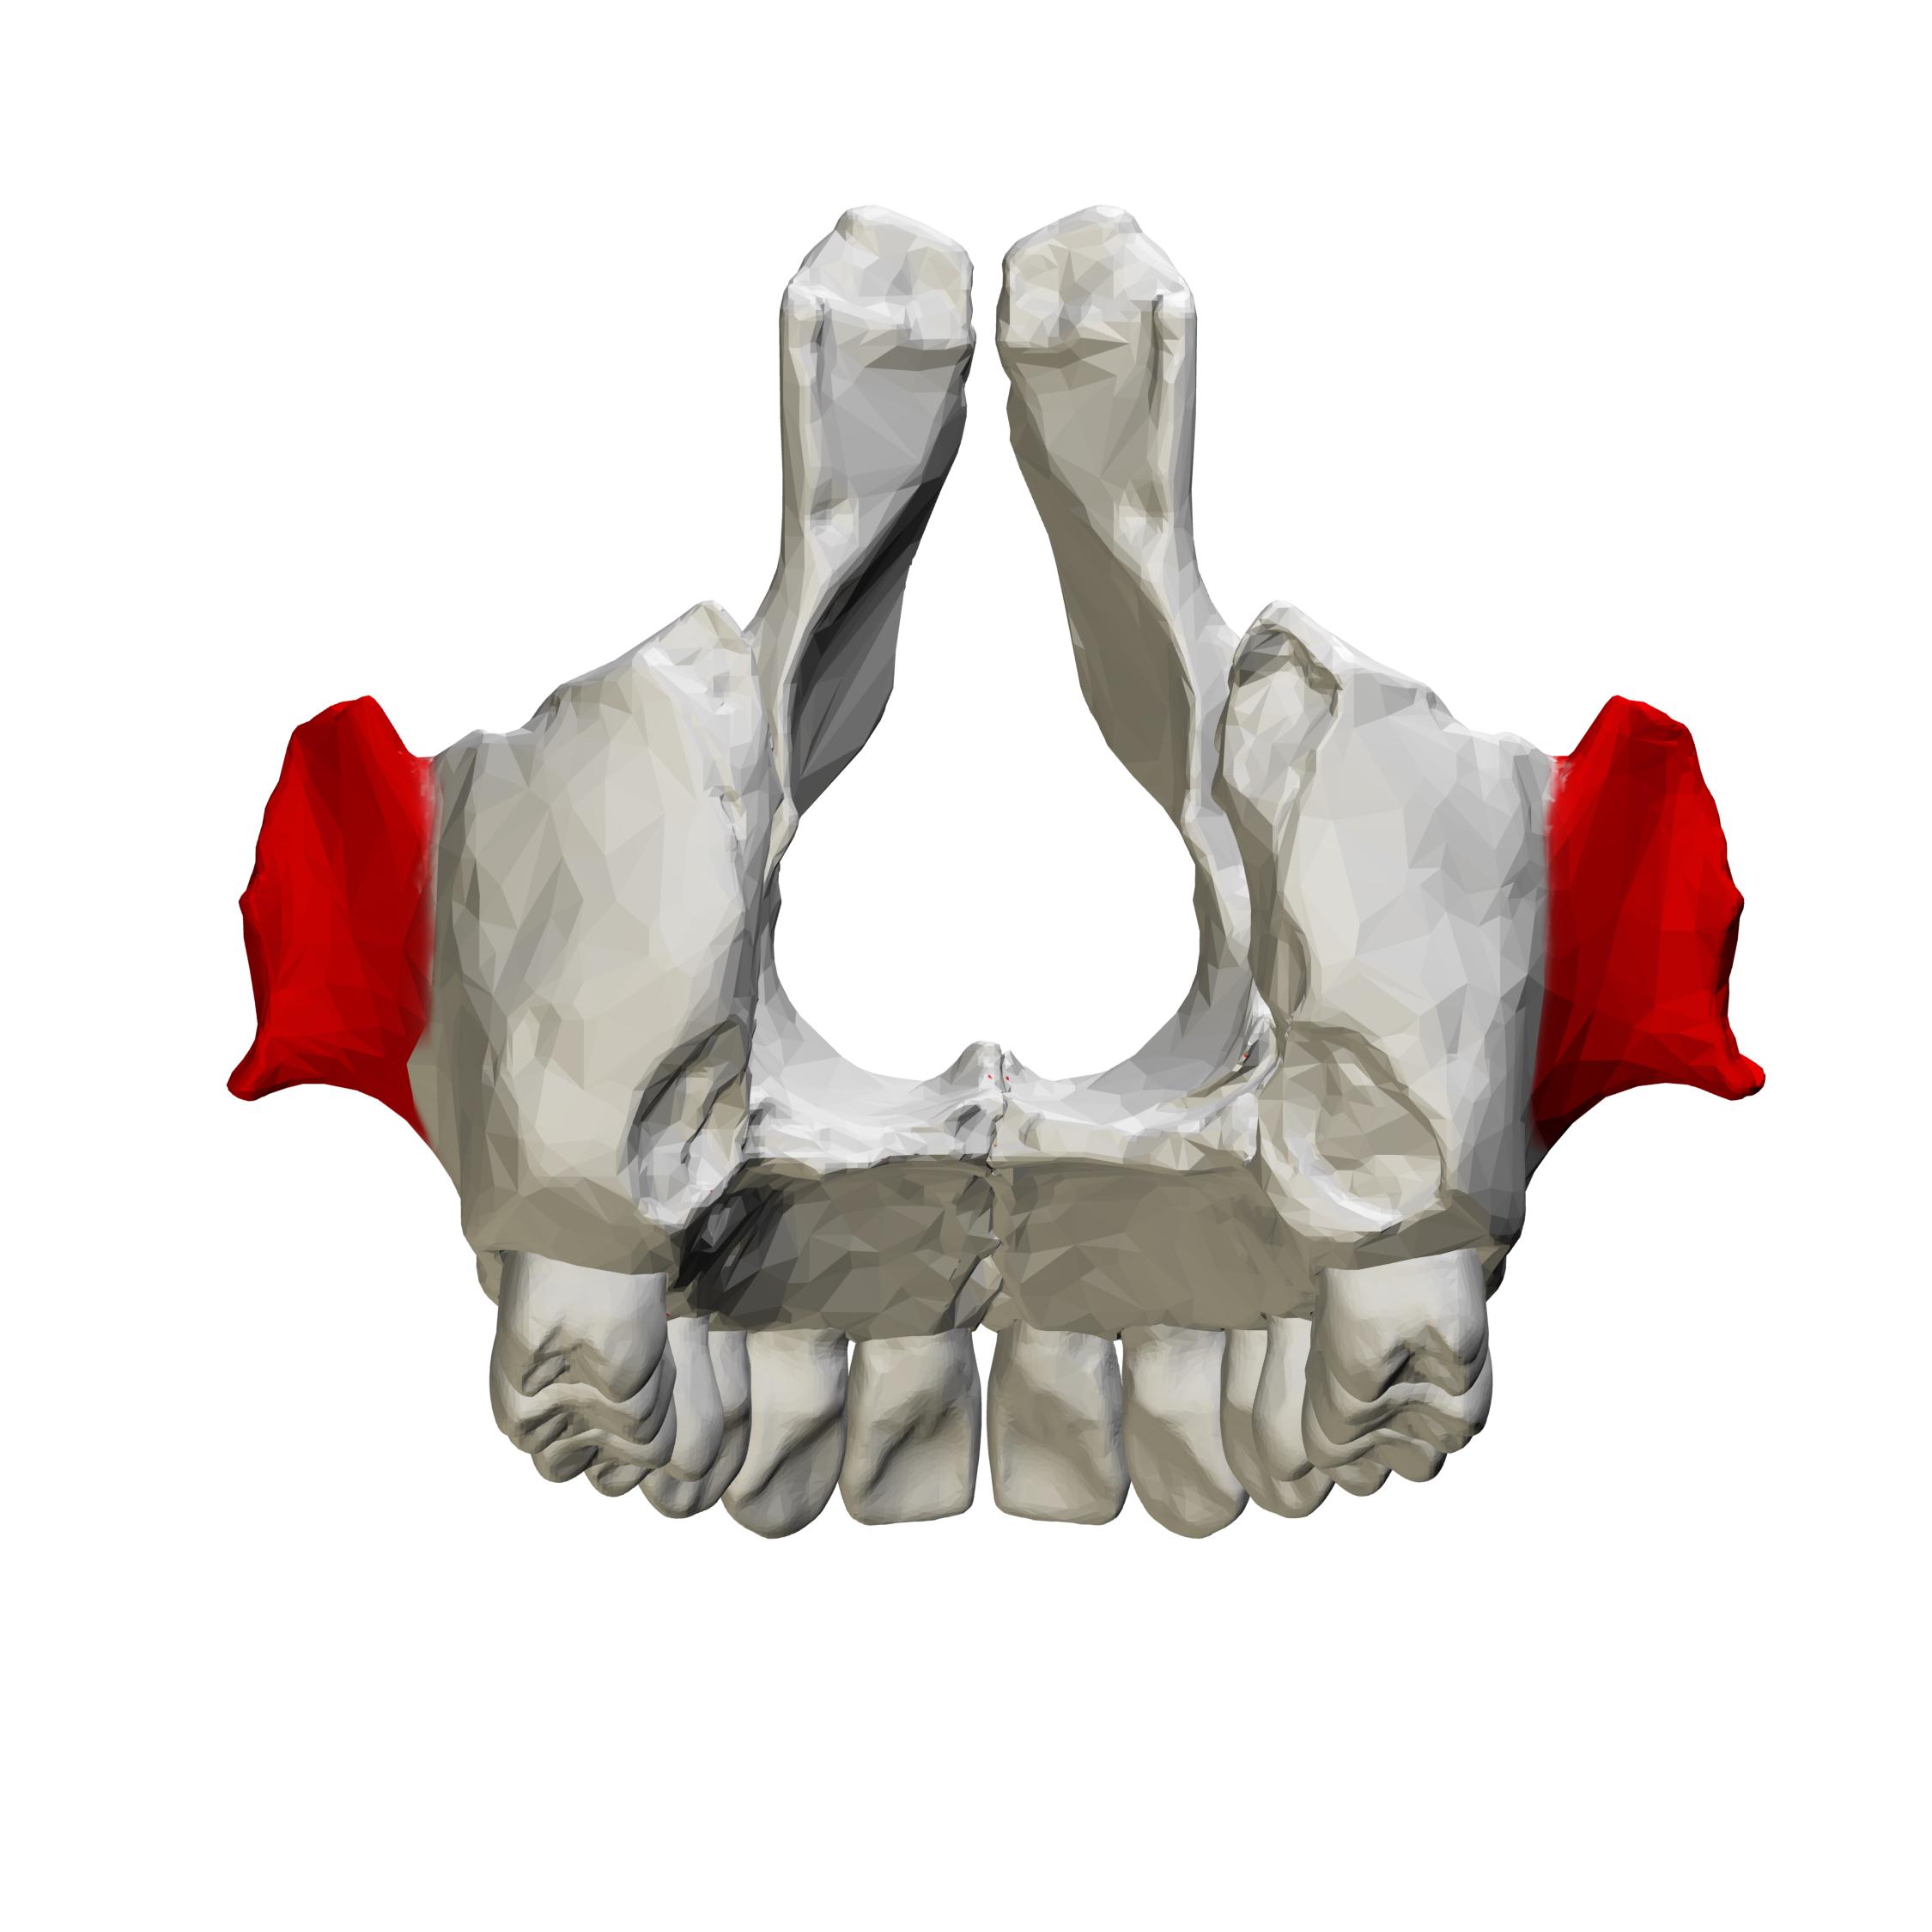 File:Zygomatic process of maxilla - close up - posterior ... Zygomatic Process Of Maxilla